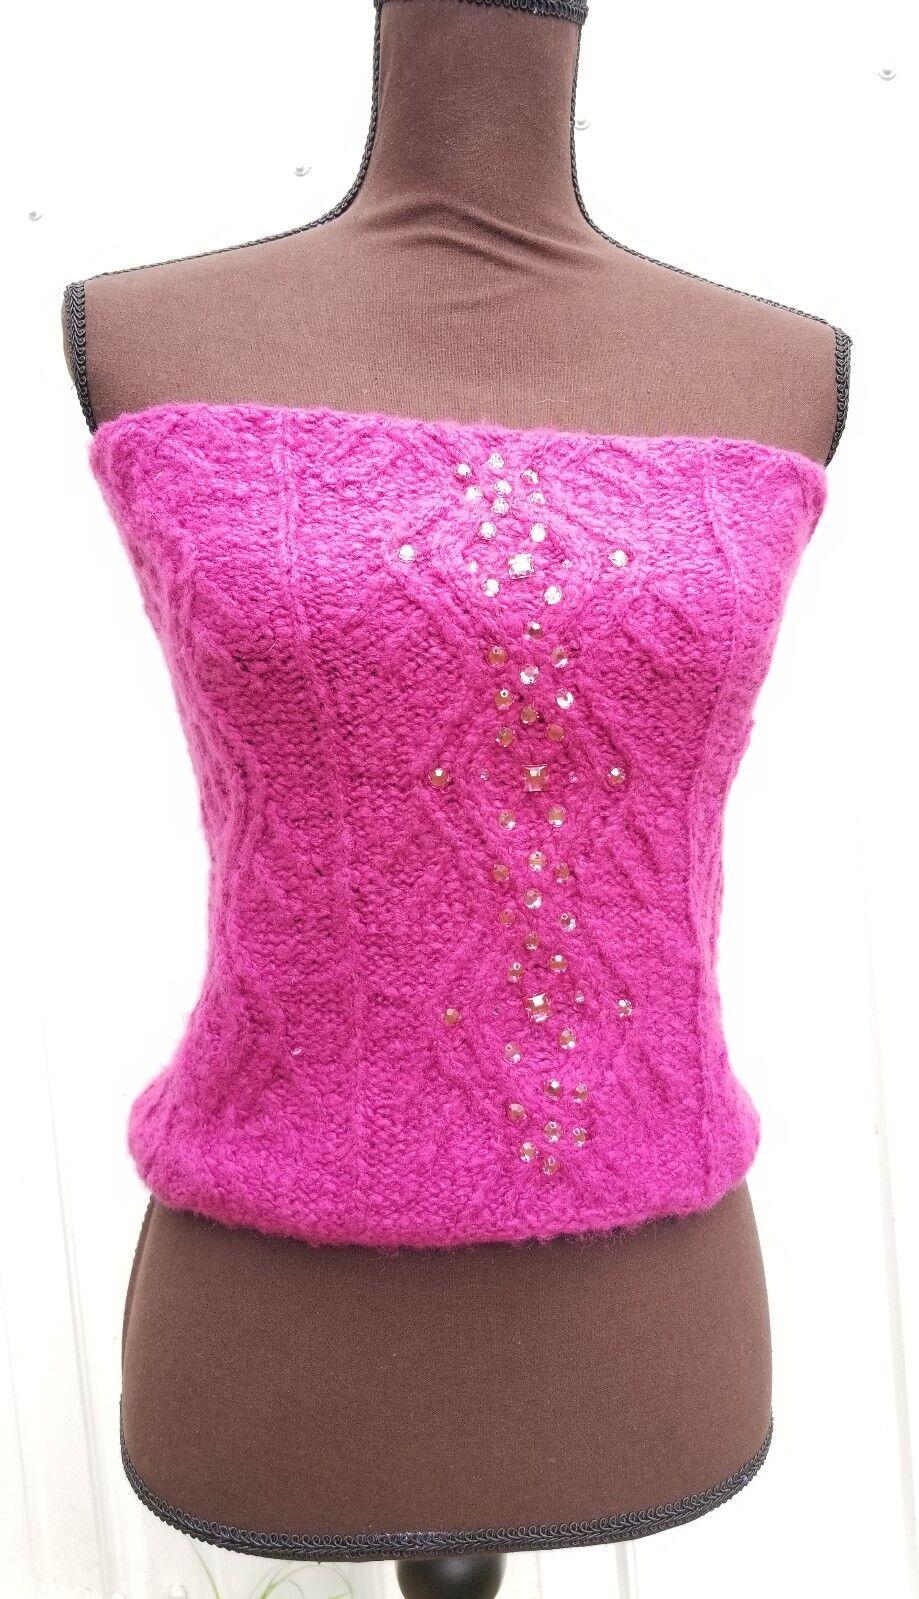 Betseyville Damenschuhe One Größe Fun Knit Glam Magenta Tube Top Strapless Rare Unique